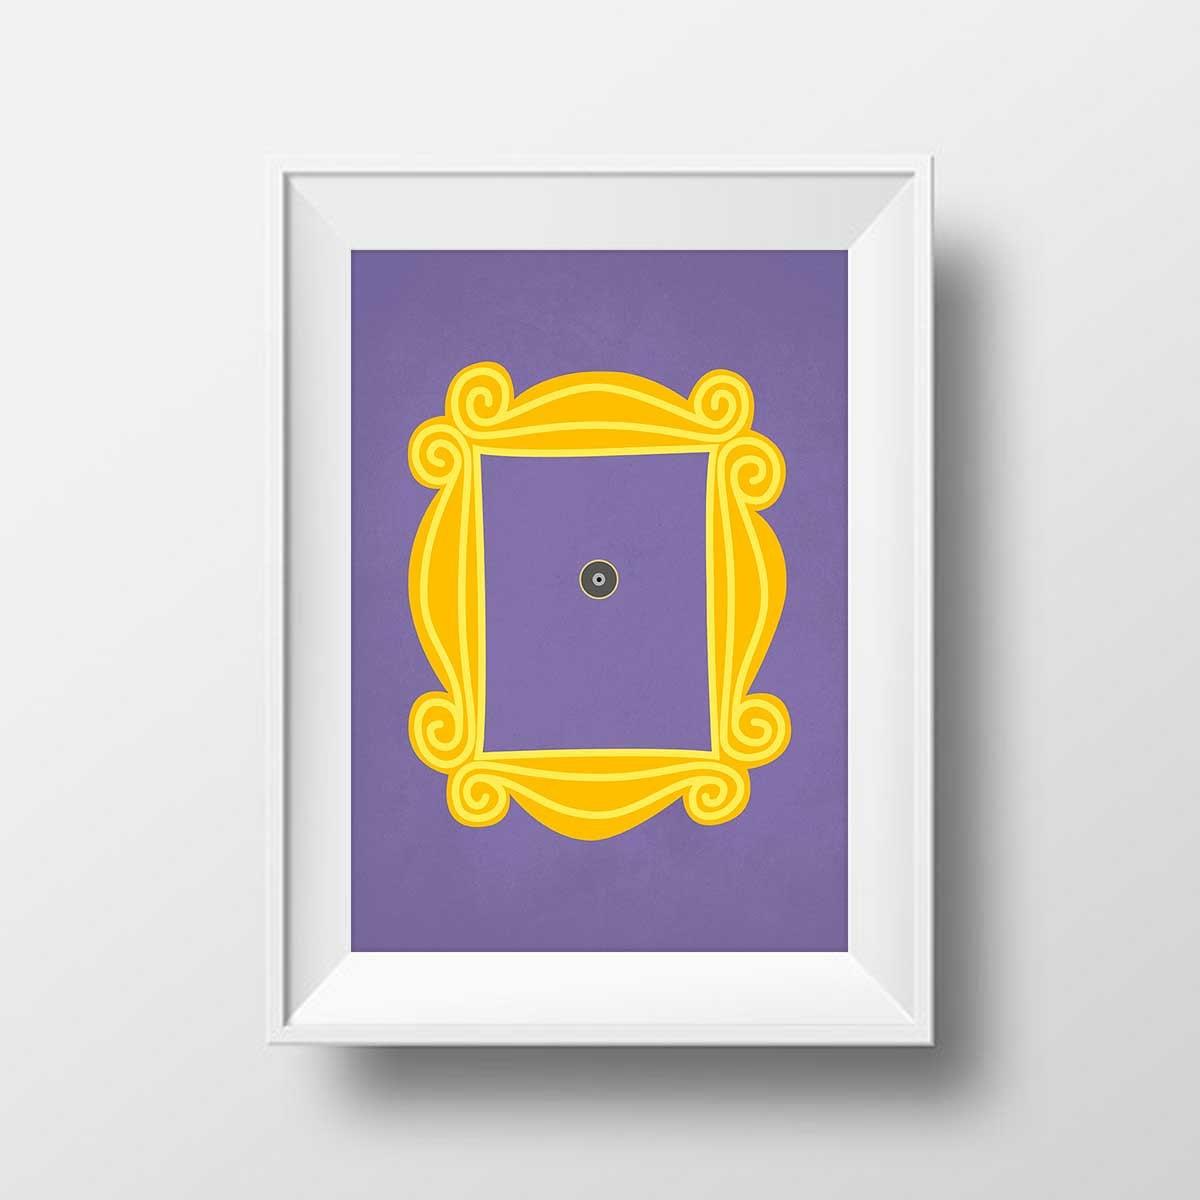 Ausgezeichnet Freunde Guckloch Rahmen Fotos - Benutzerdefinierte ...